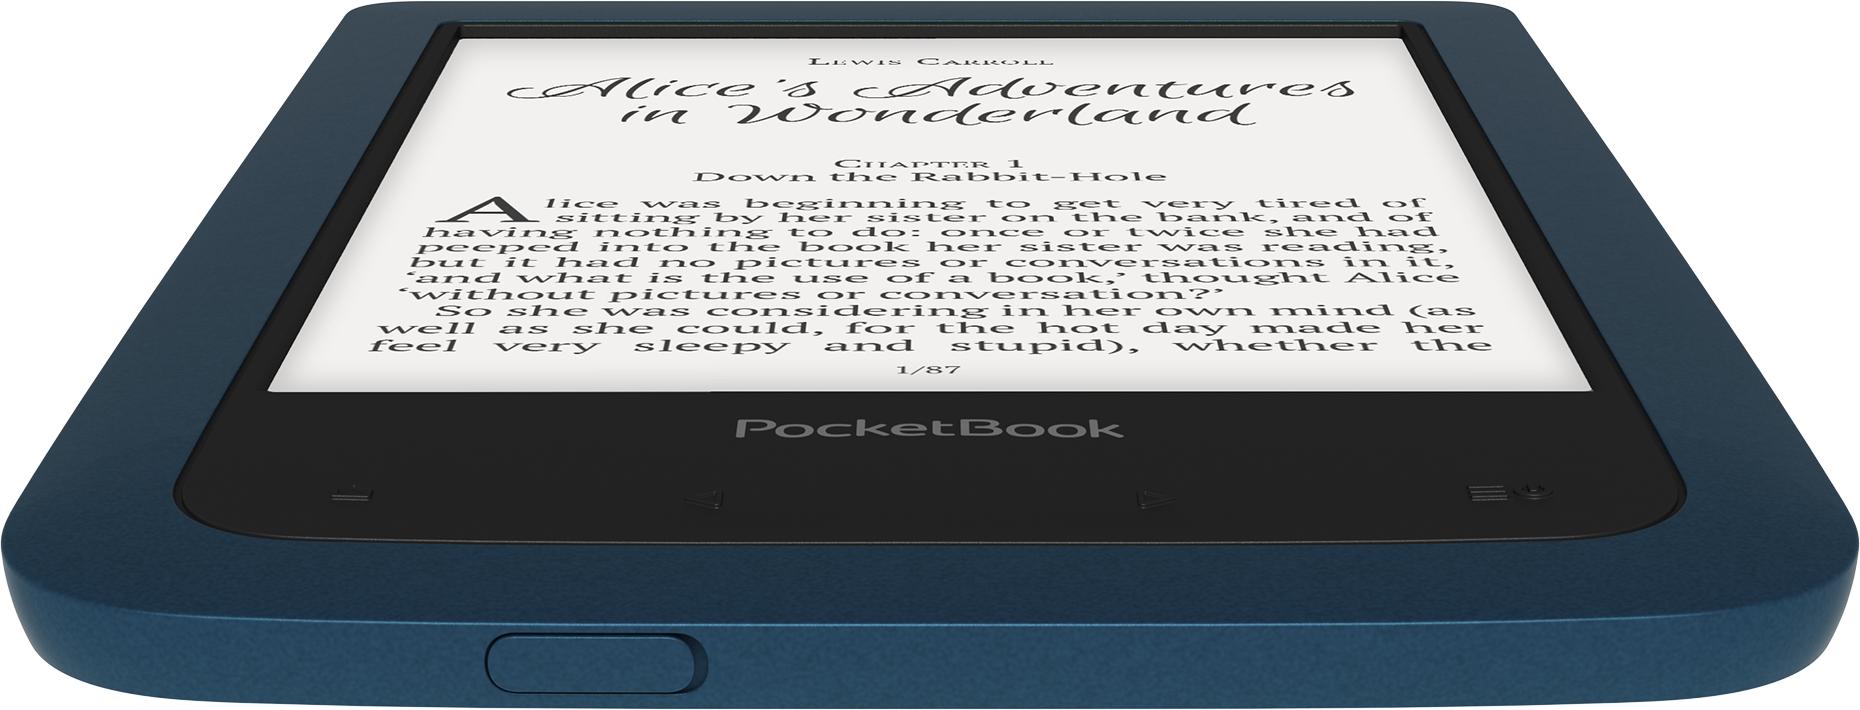 Электронная книга с картинками